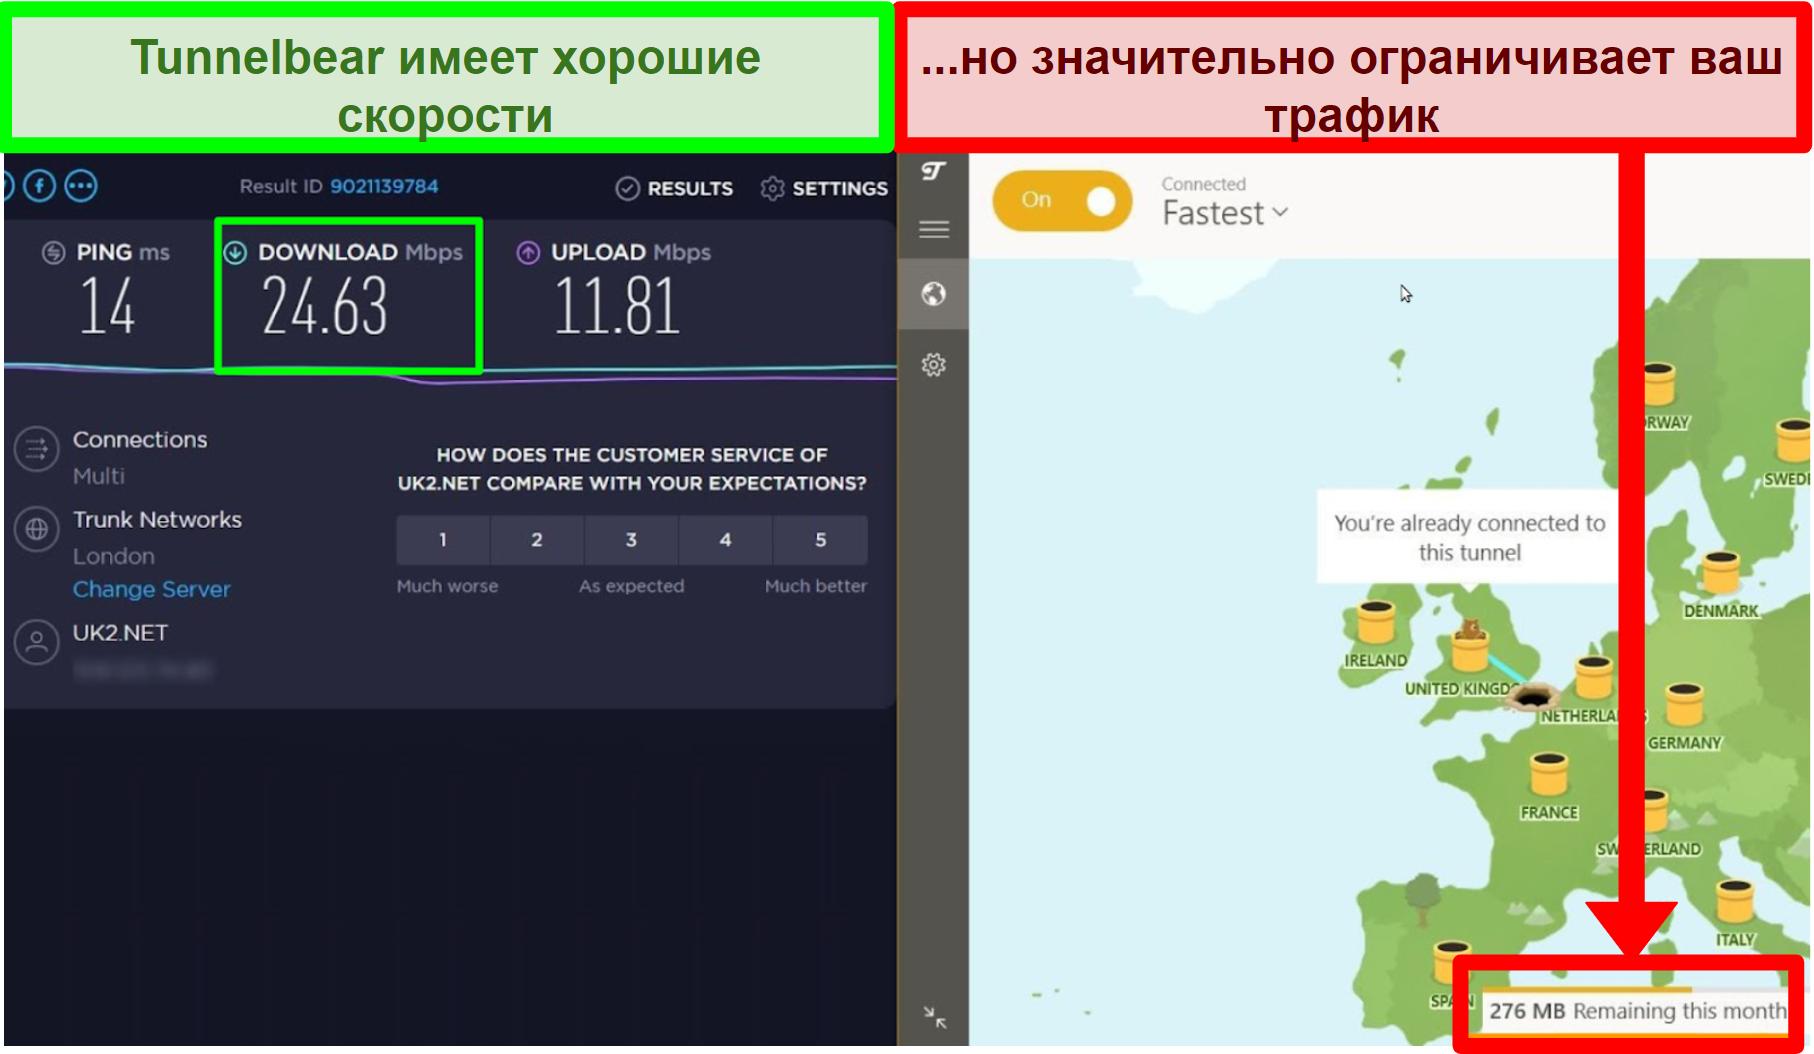 TunnelBear имеет хорошие скорости, но он ограничивает пользовательские данные